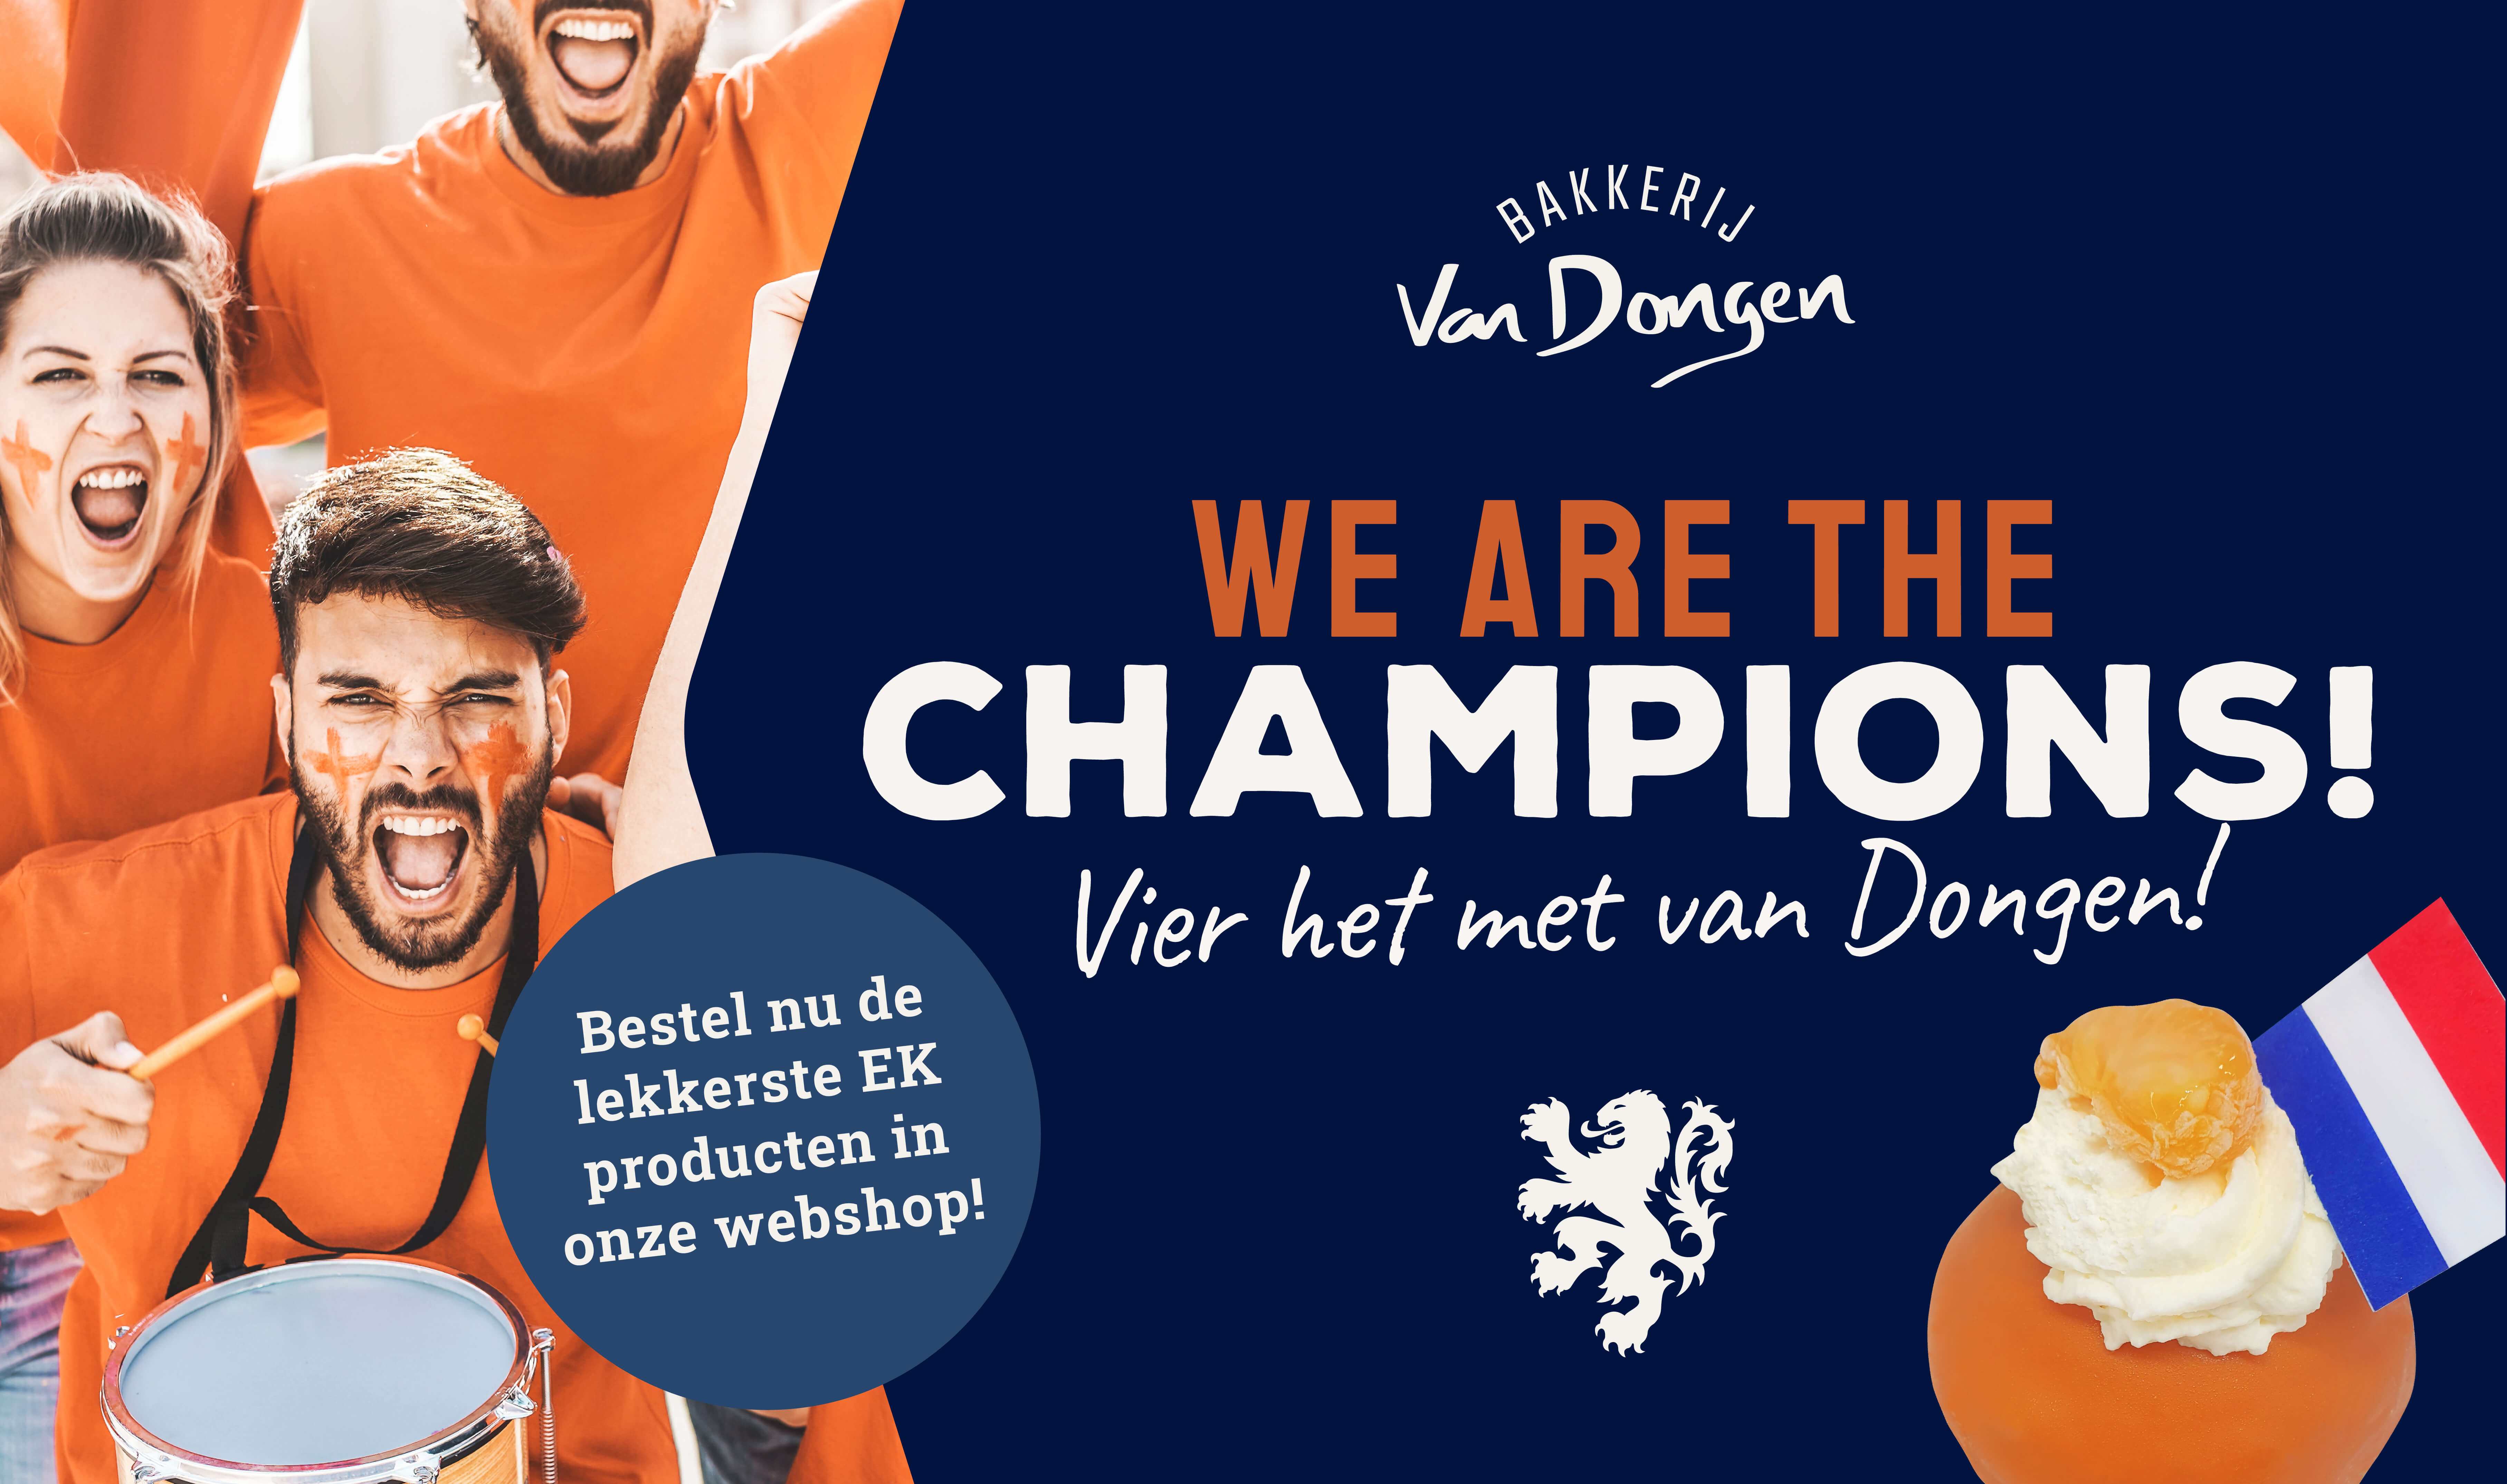 We Are The Champions EK 2021 Vier het met Van Dongen